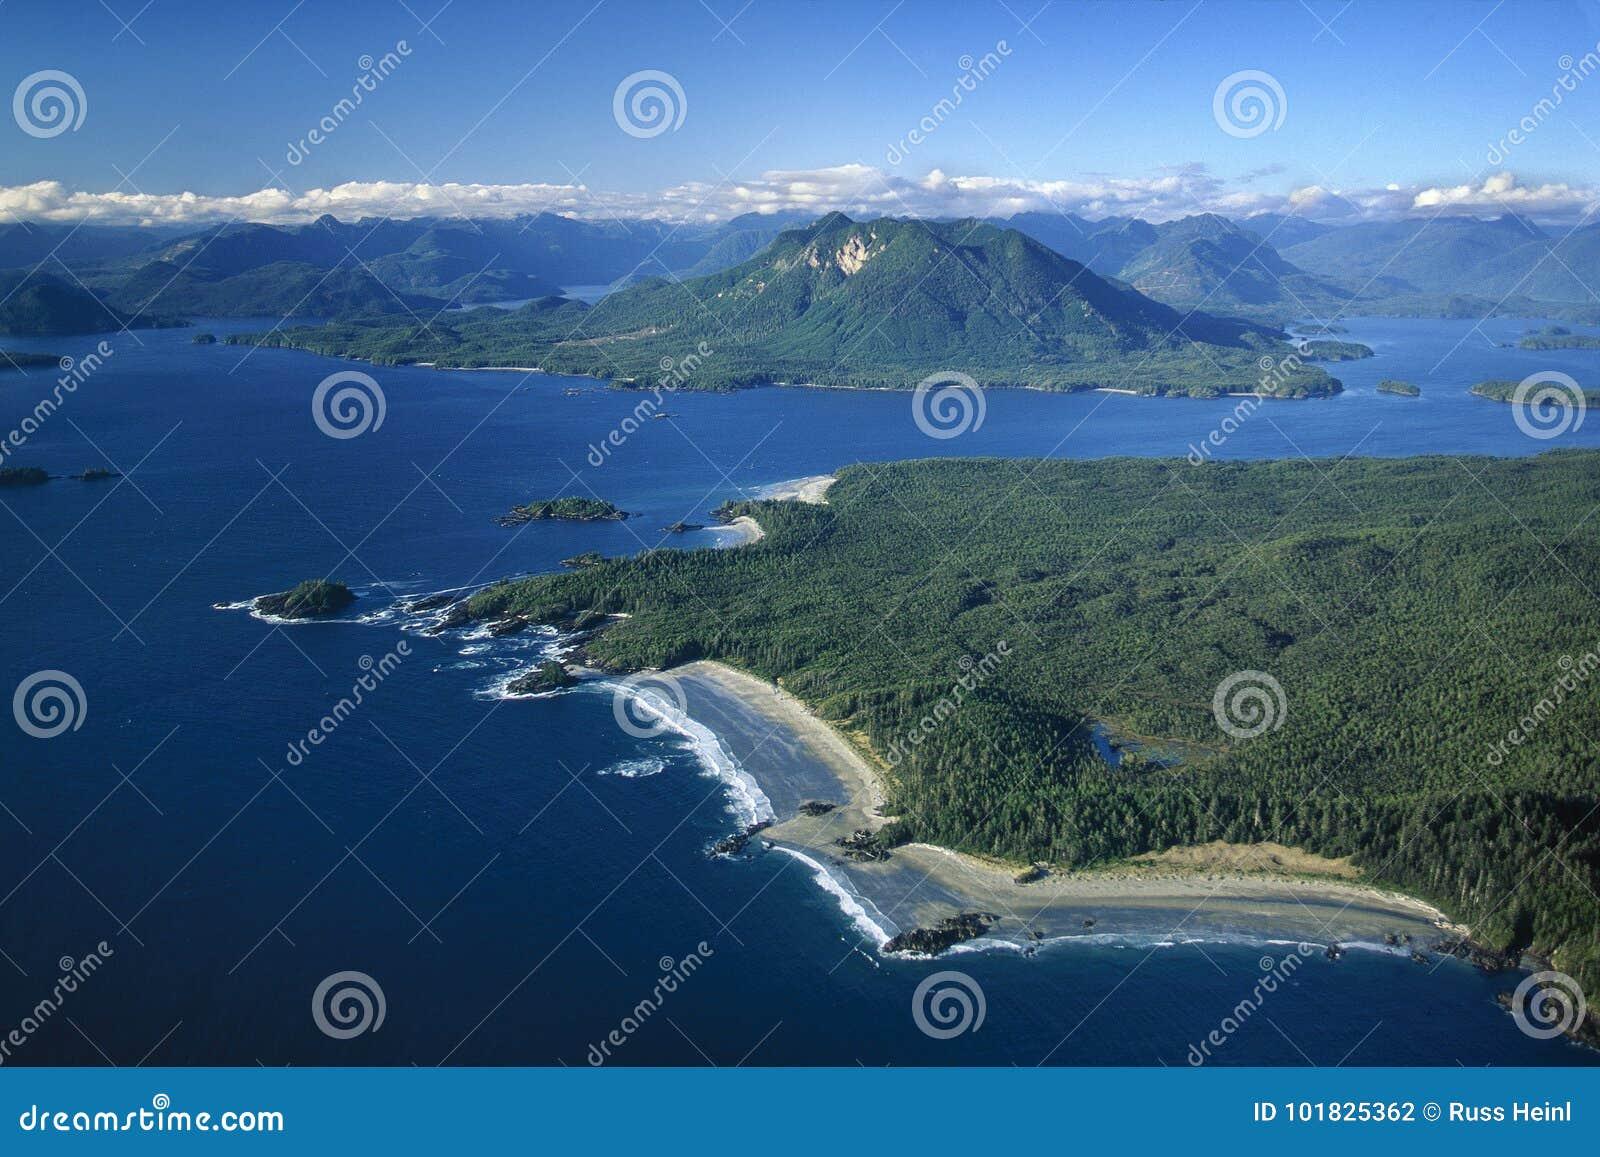 Aerial image of Vargas Island, Tofino, BC, Canada